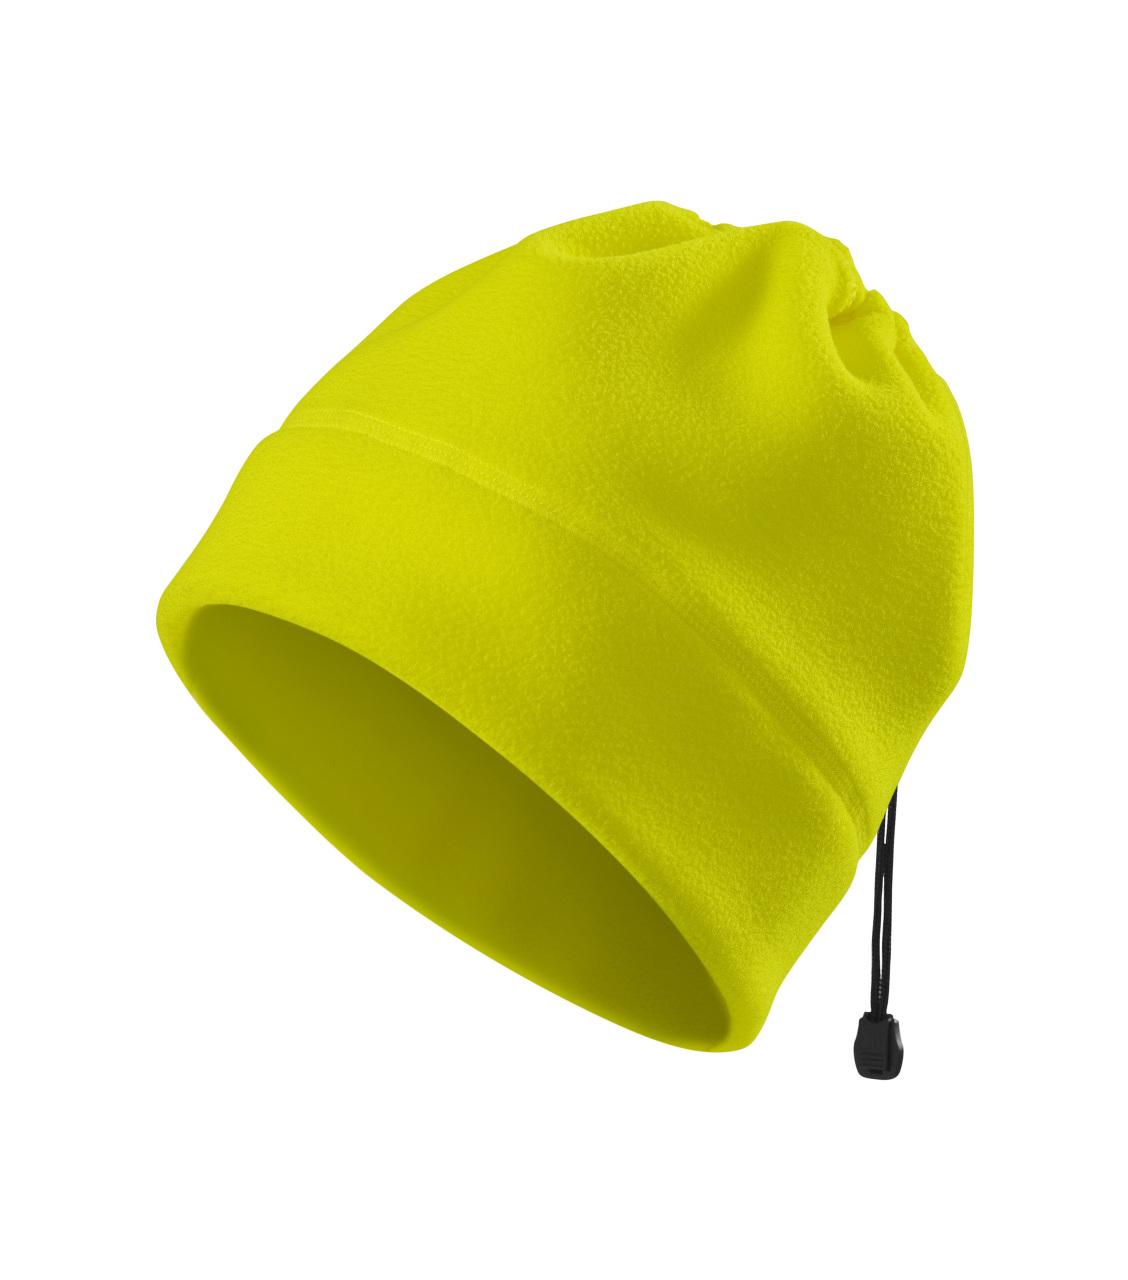 da4025c04a8 HV Fleece Čepice Practic reflexní žlutá uni